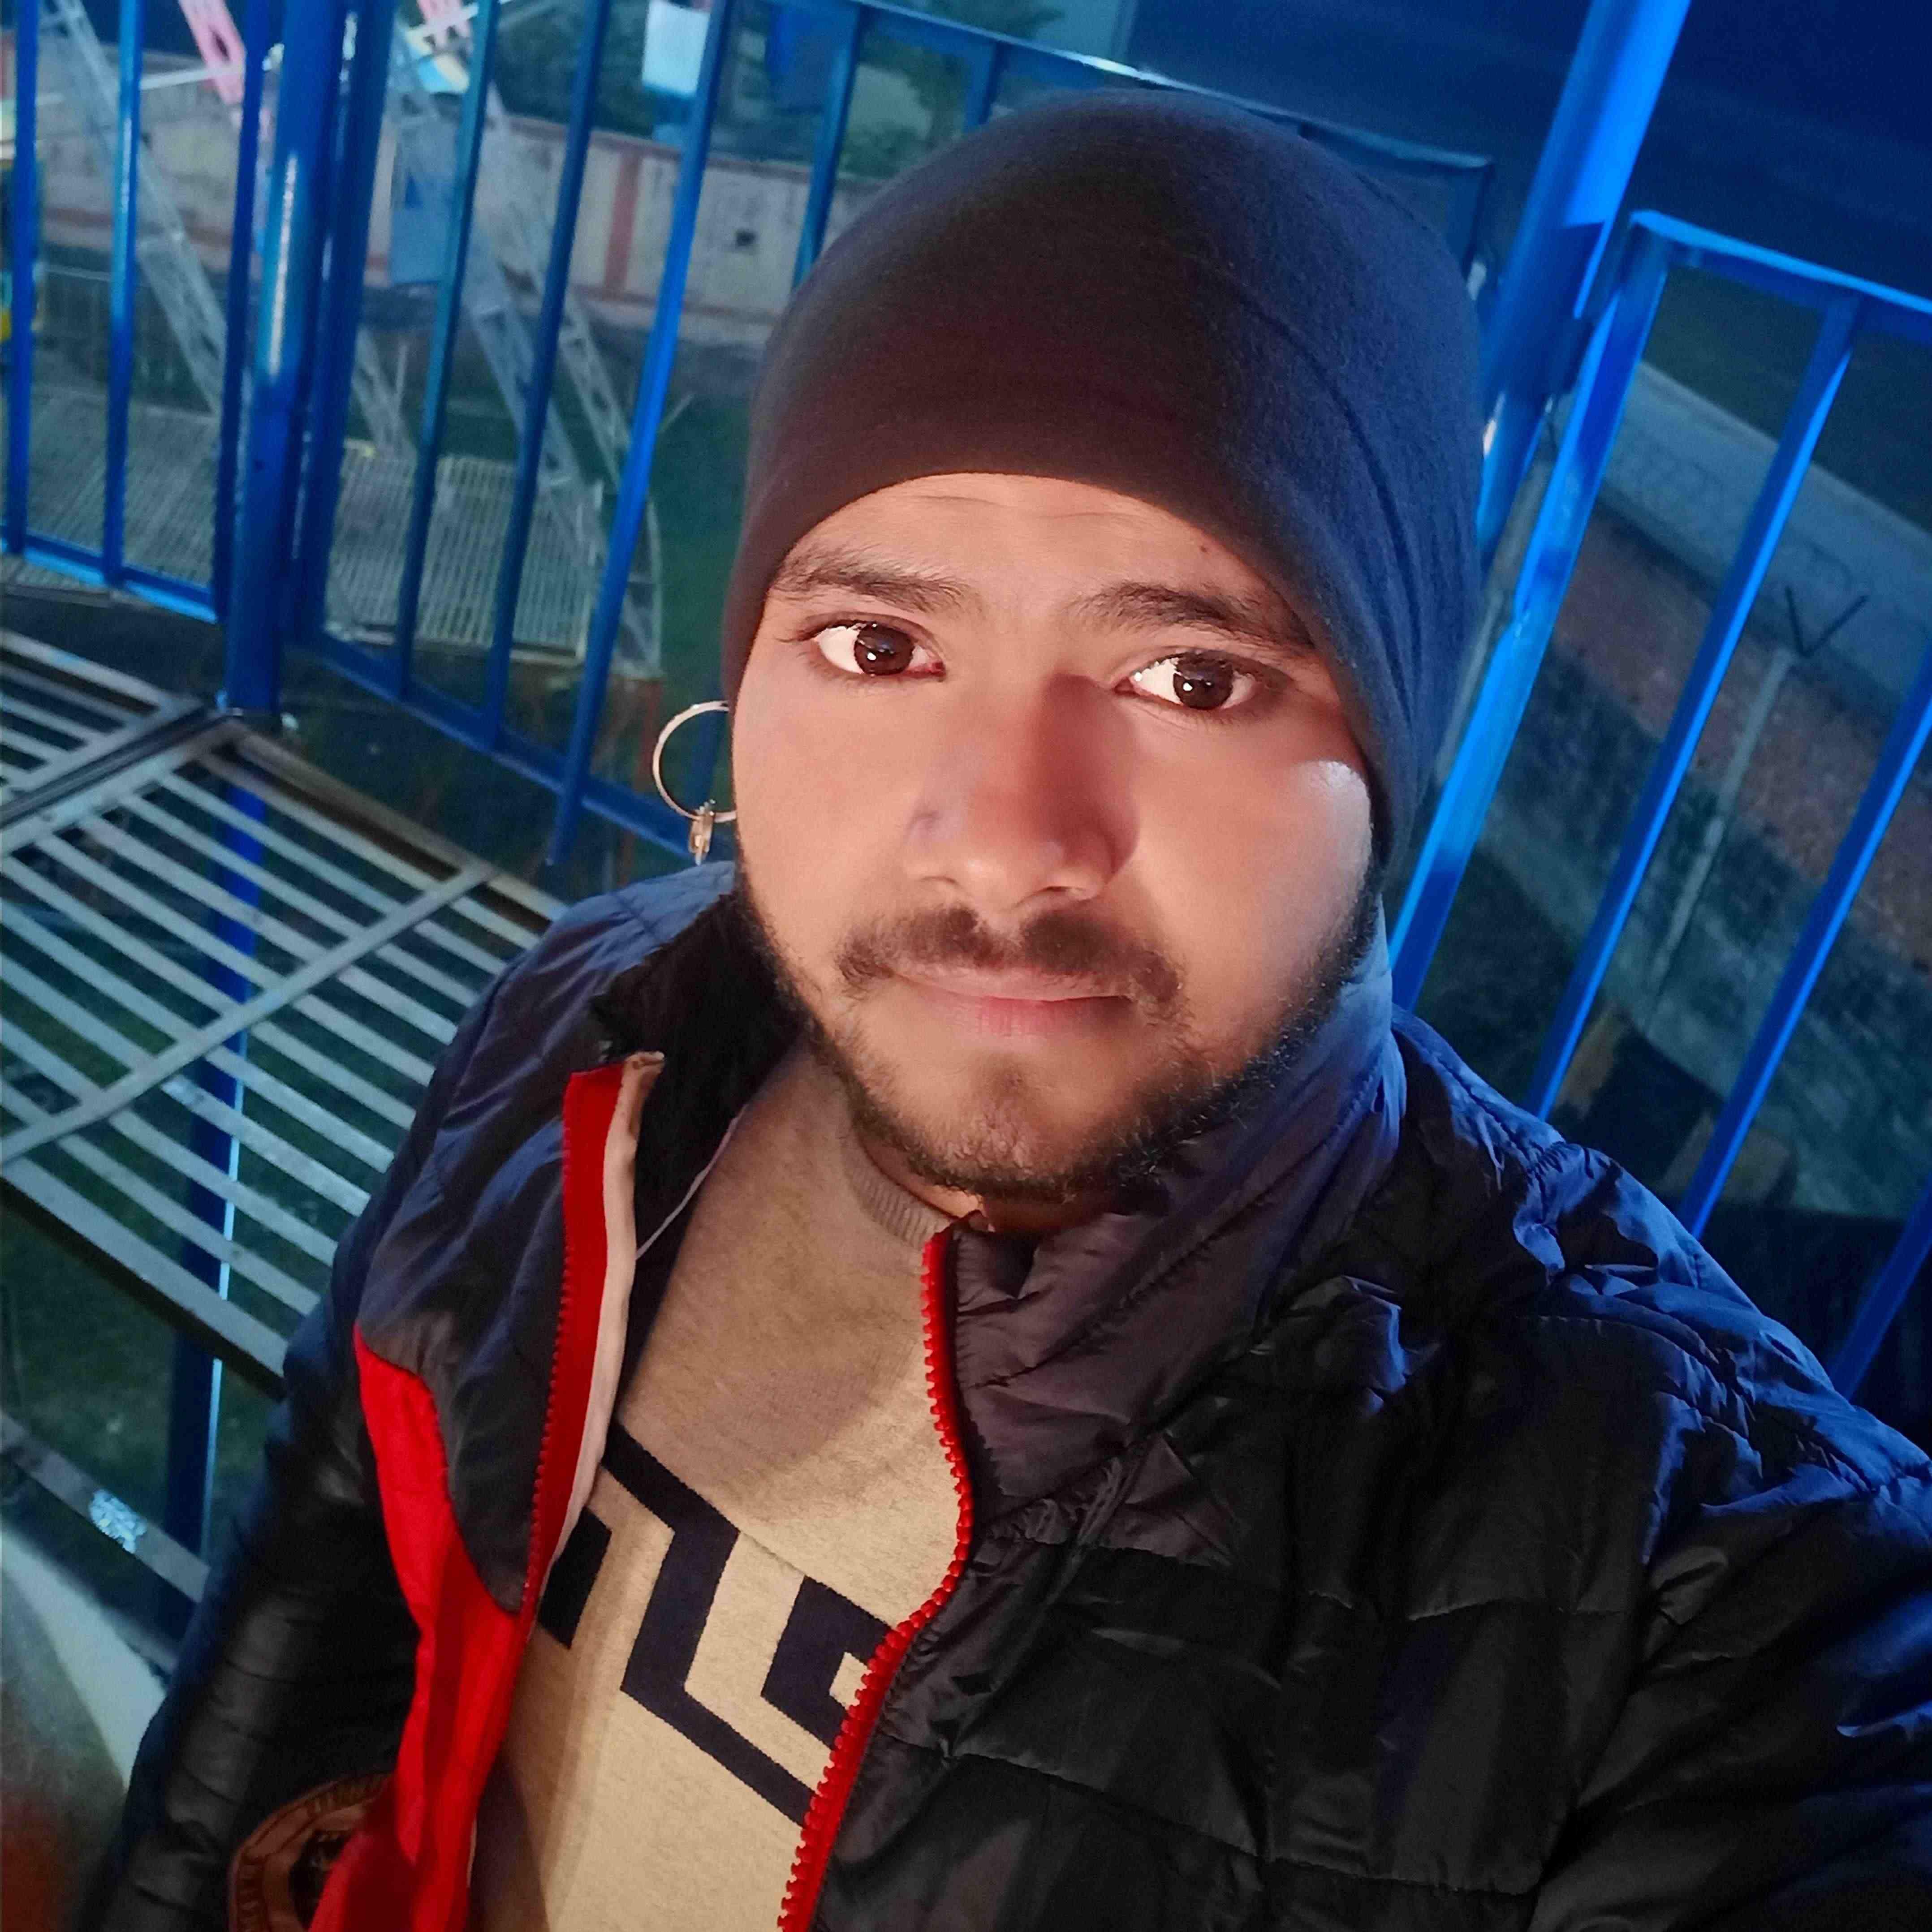 Taiyab Alam Ansari